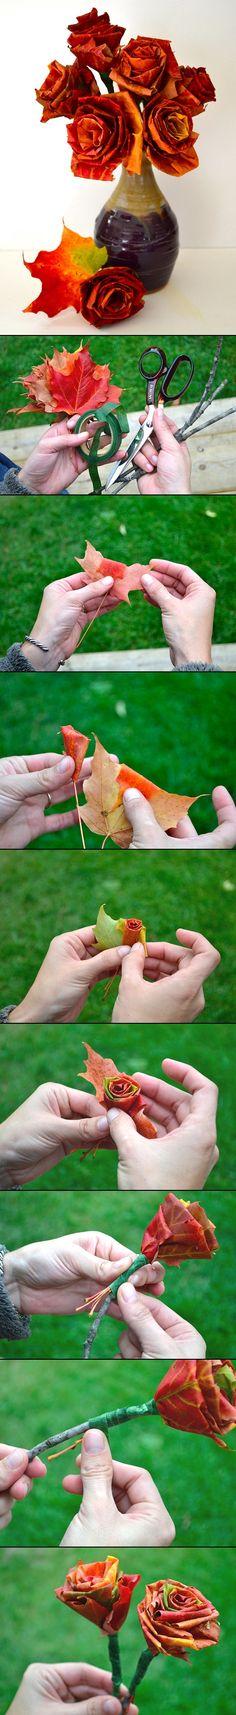 Aus Baumblättern gefaltete Rosen.! Fantastisch